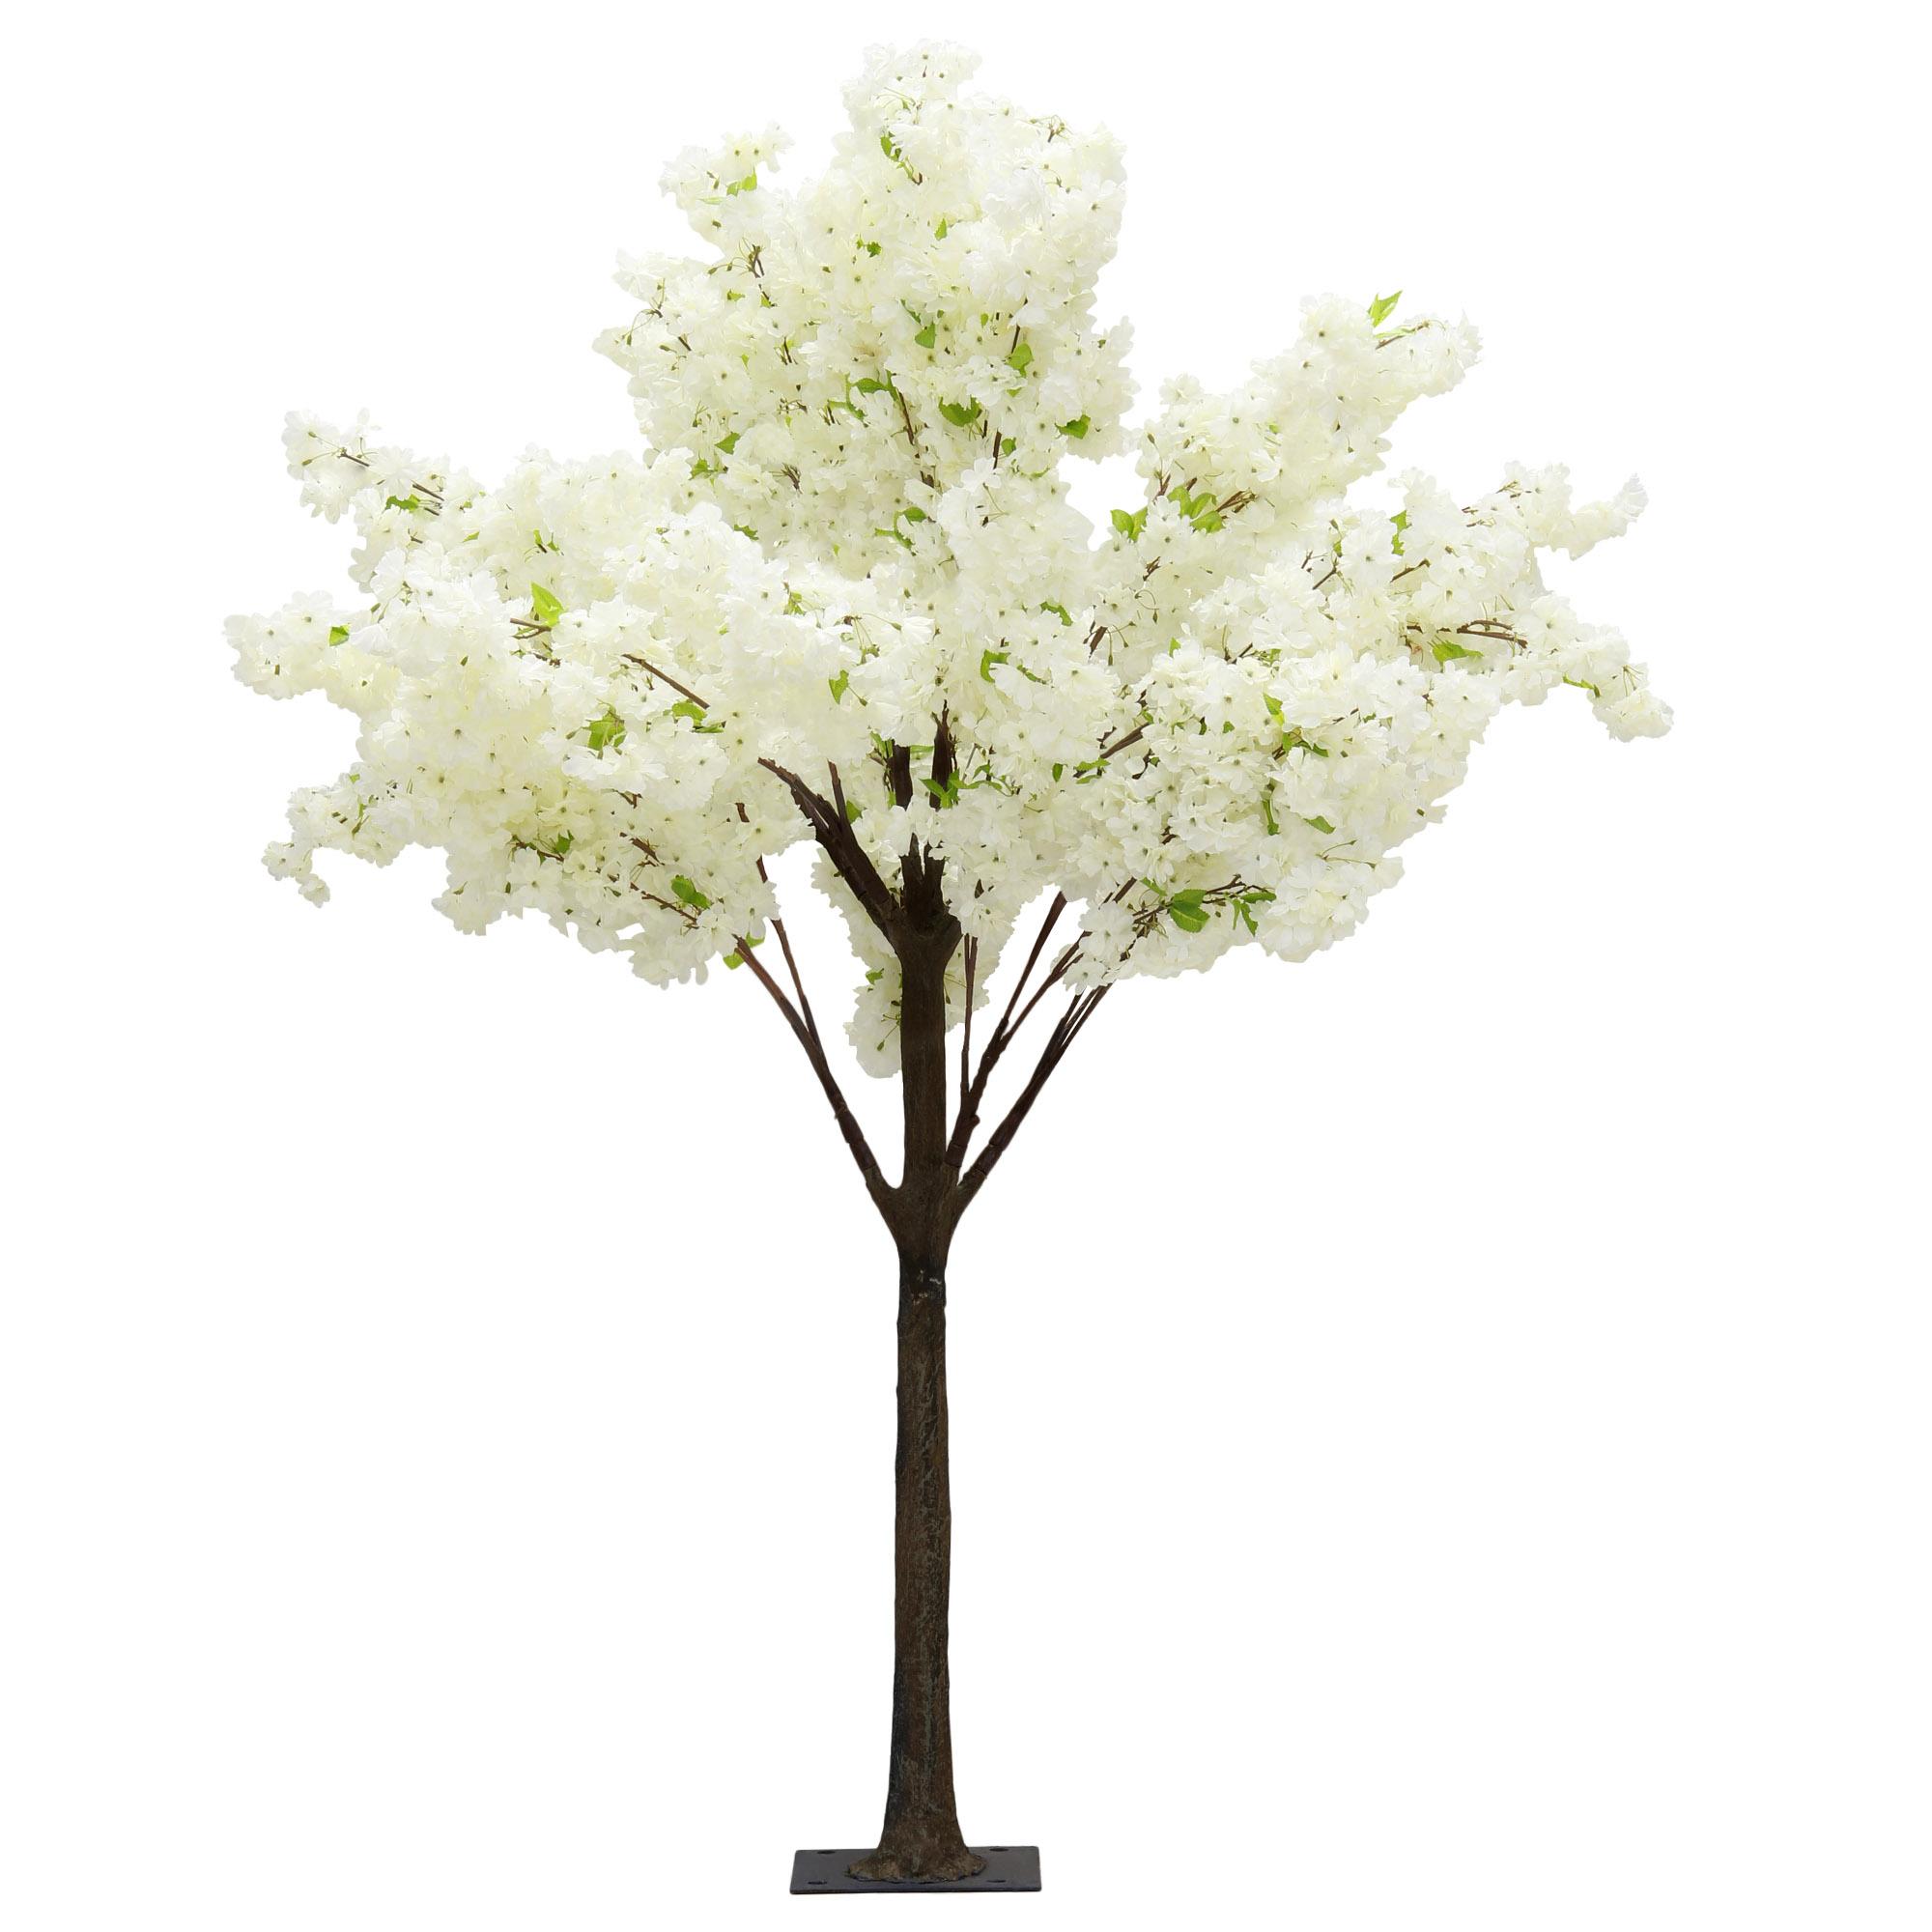 Дерево искусственное цветущее  Beijing shenglin 1.8м белого цвета